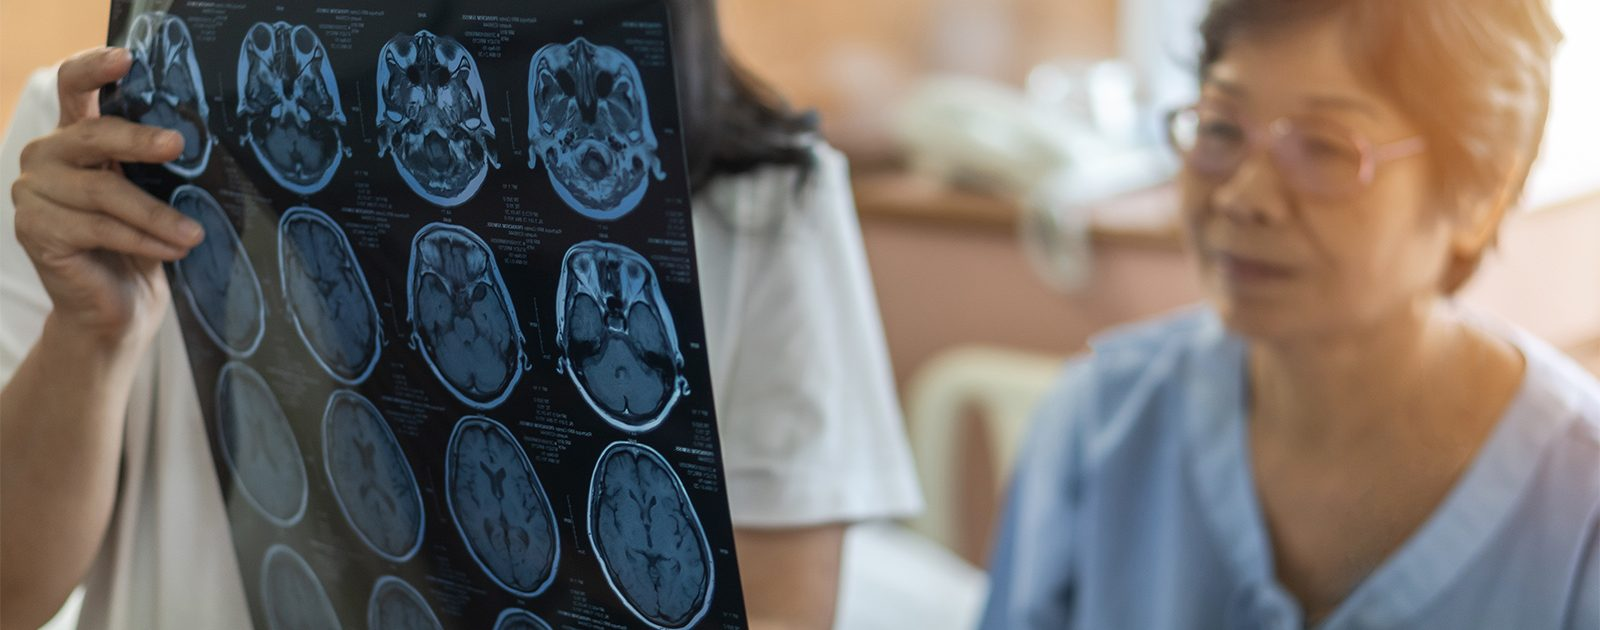 Ärztin zeigt Patientin mit Meningitis einen MRT-Scan.